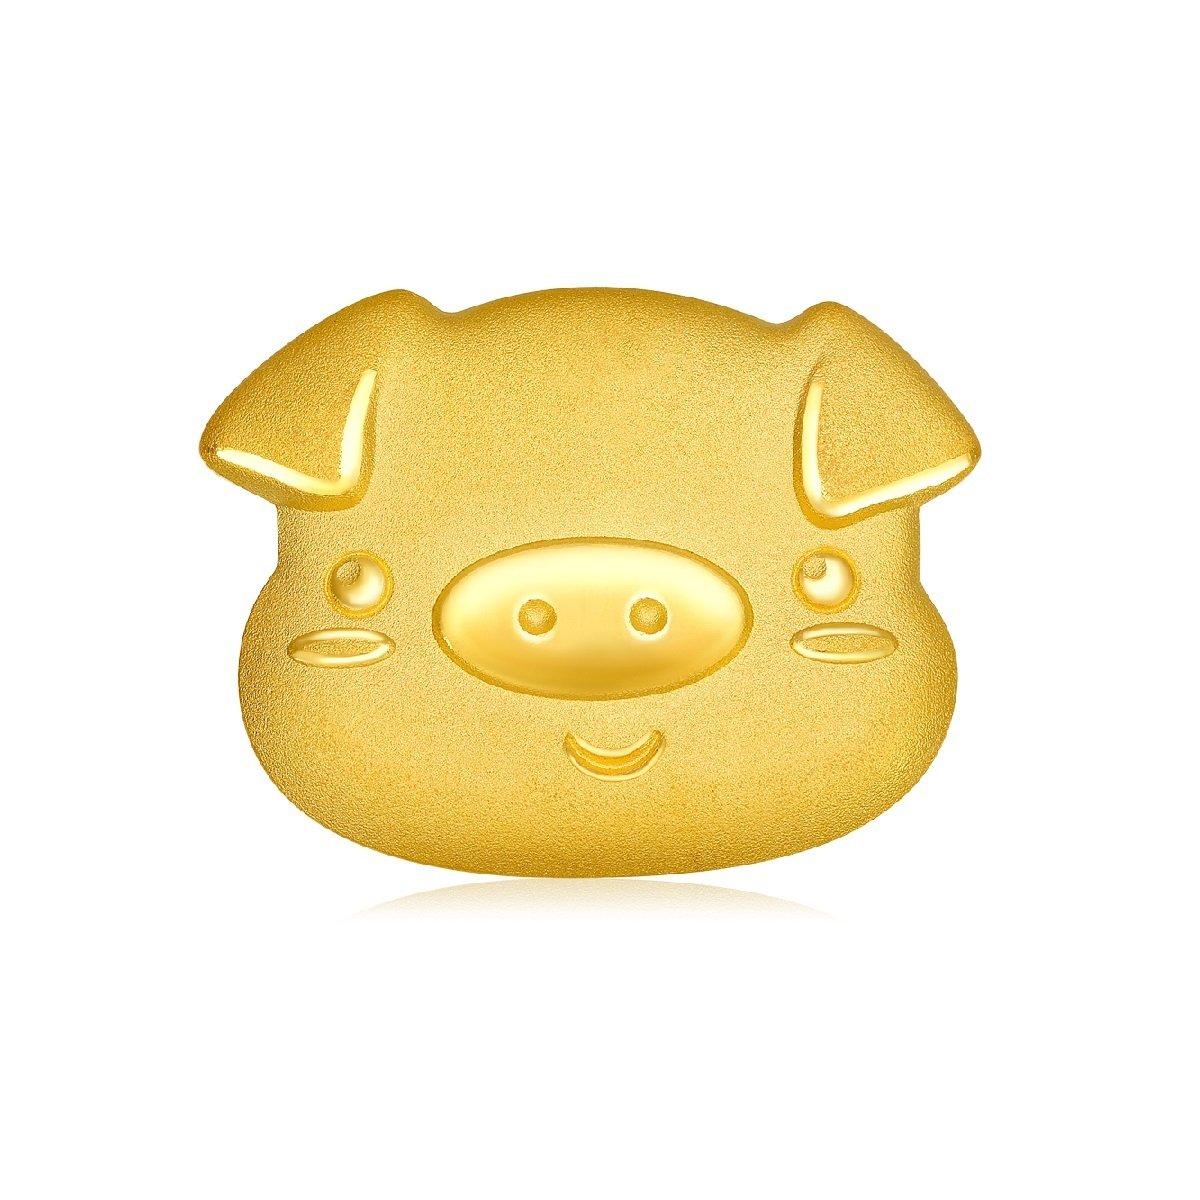 999.9黃金飾金工藝品金章